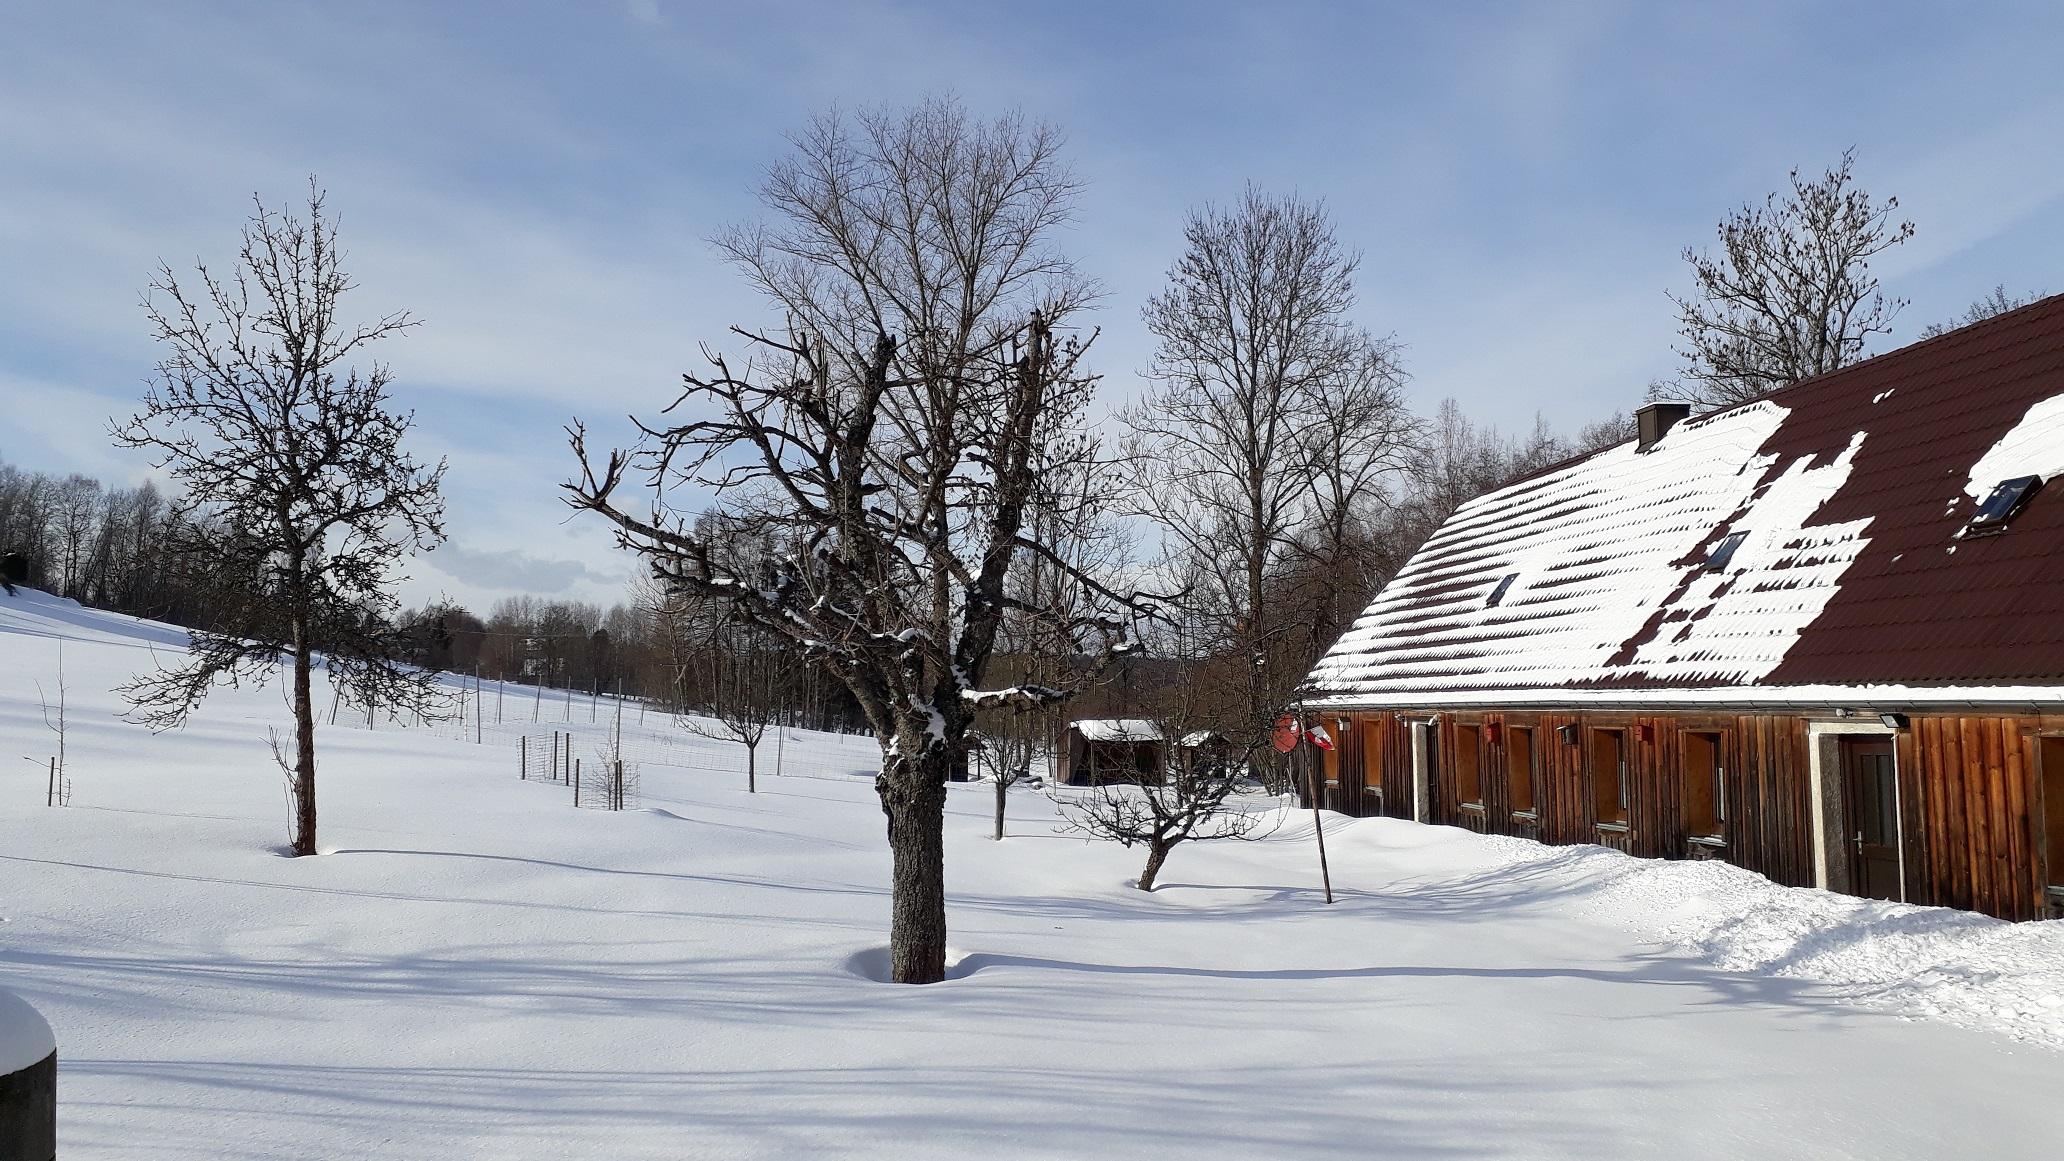 Winter Garten Hammerschmiede